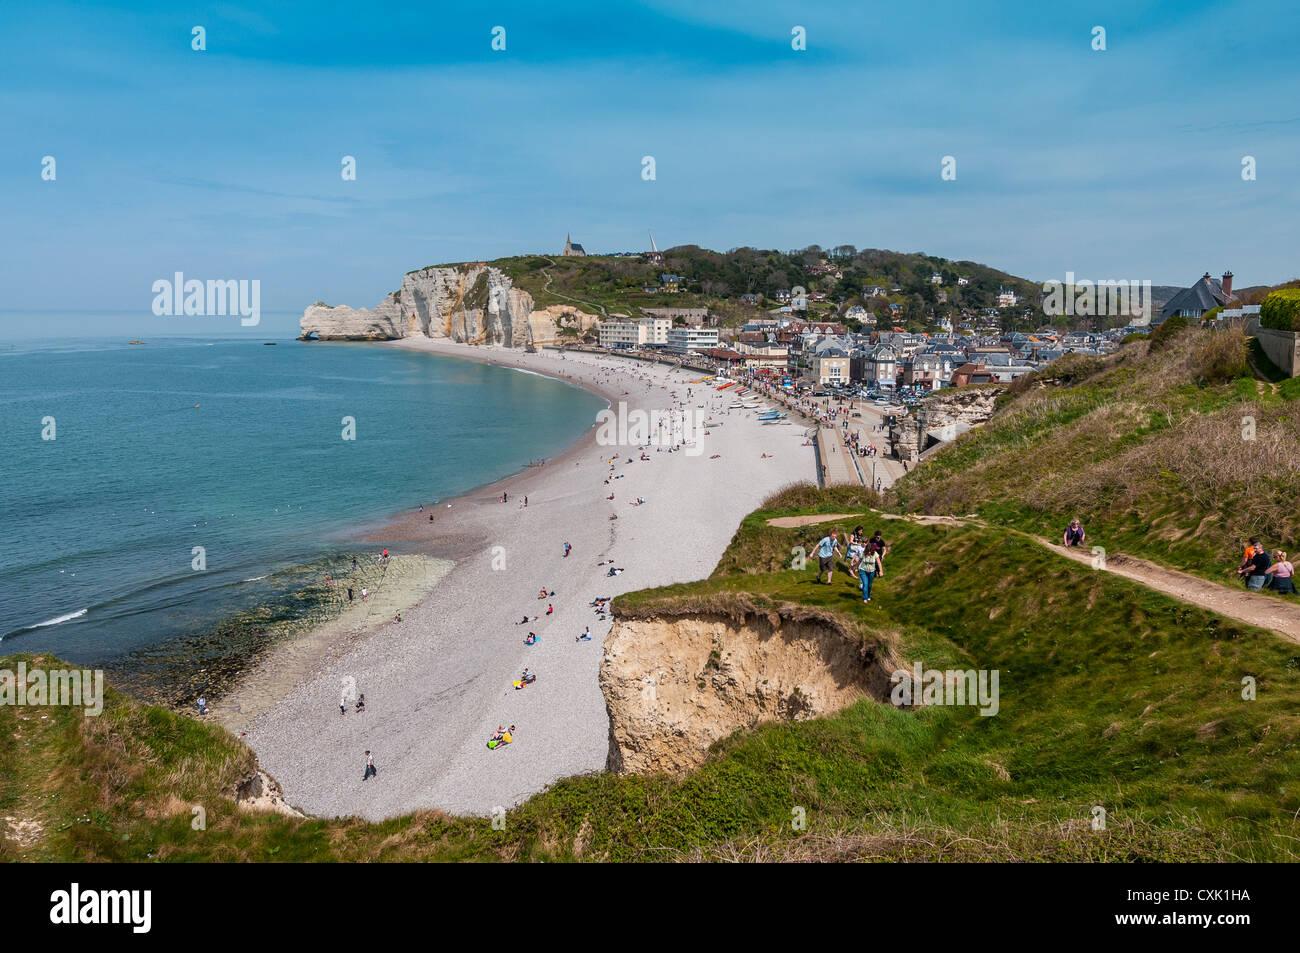 France Normandy Coast Etretat - Stock Image